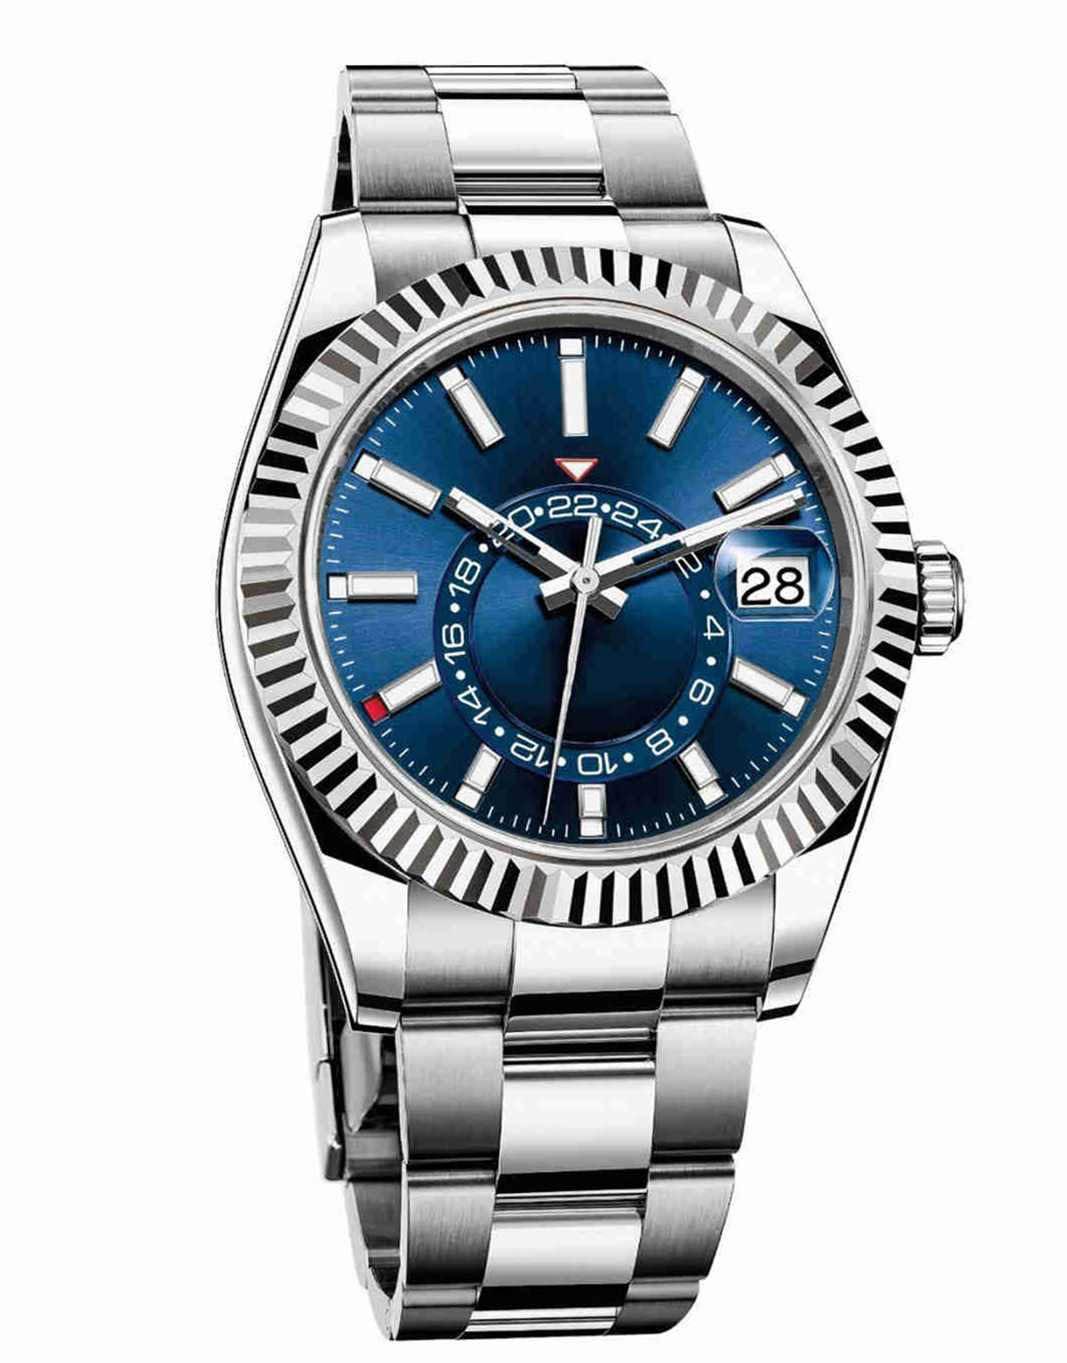 탑 N 공장 디럭스 남성 시계 사파이어 시계 ETA 9001 무브먼트 세라믹 베젤 326934 모델 904L 자동 기계 방수 손목 시계